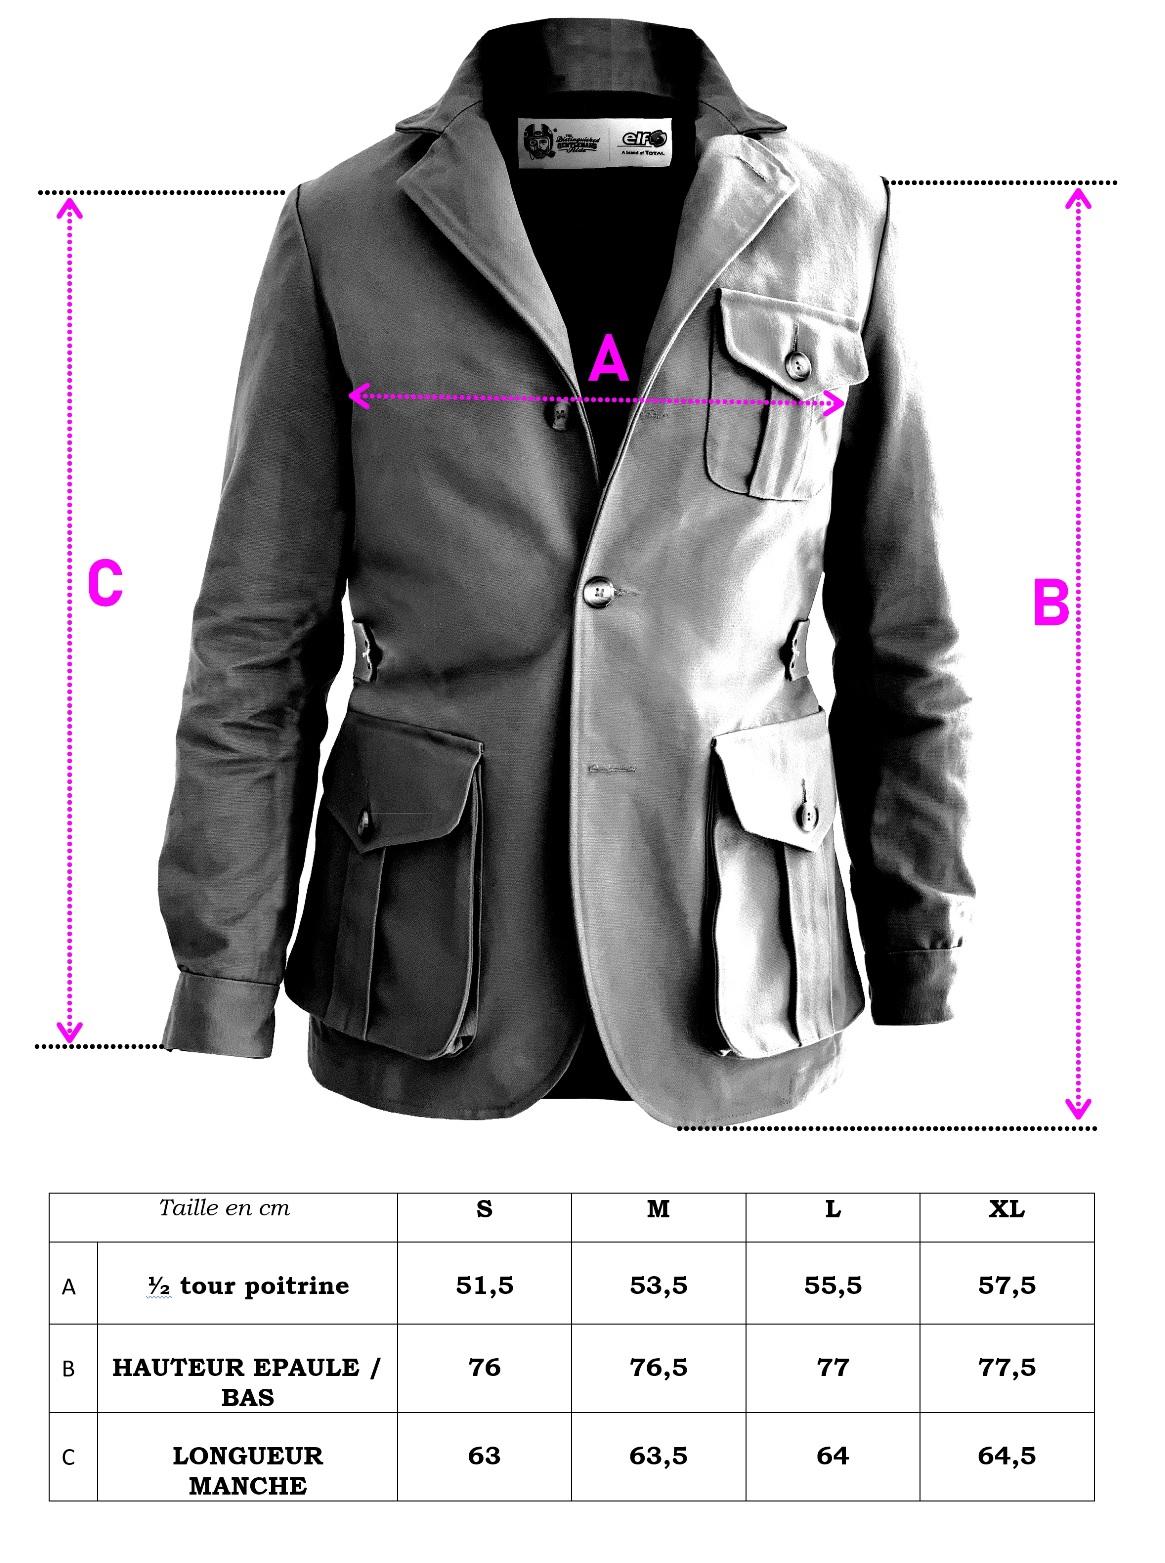 Guide des tailles veste DGR elf francais